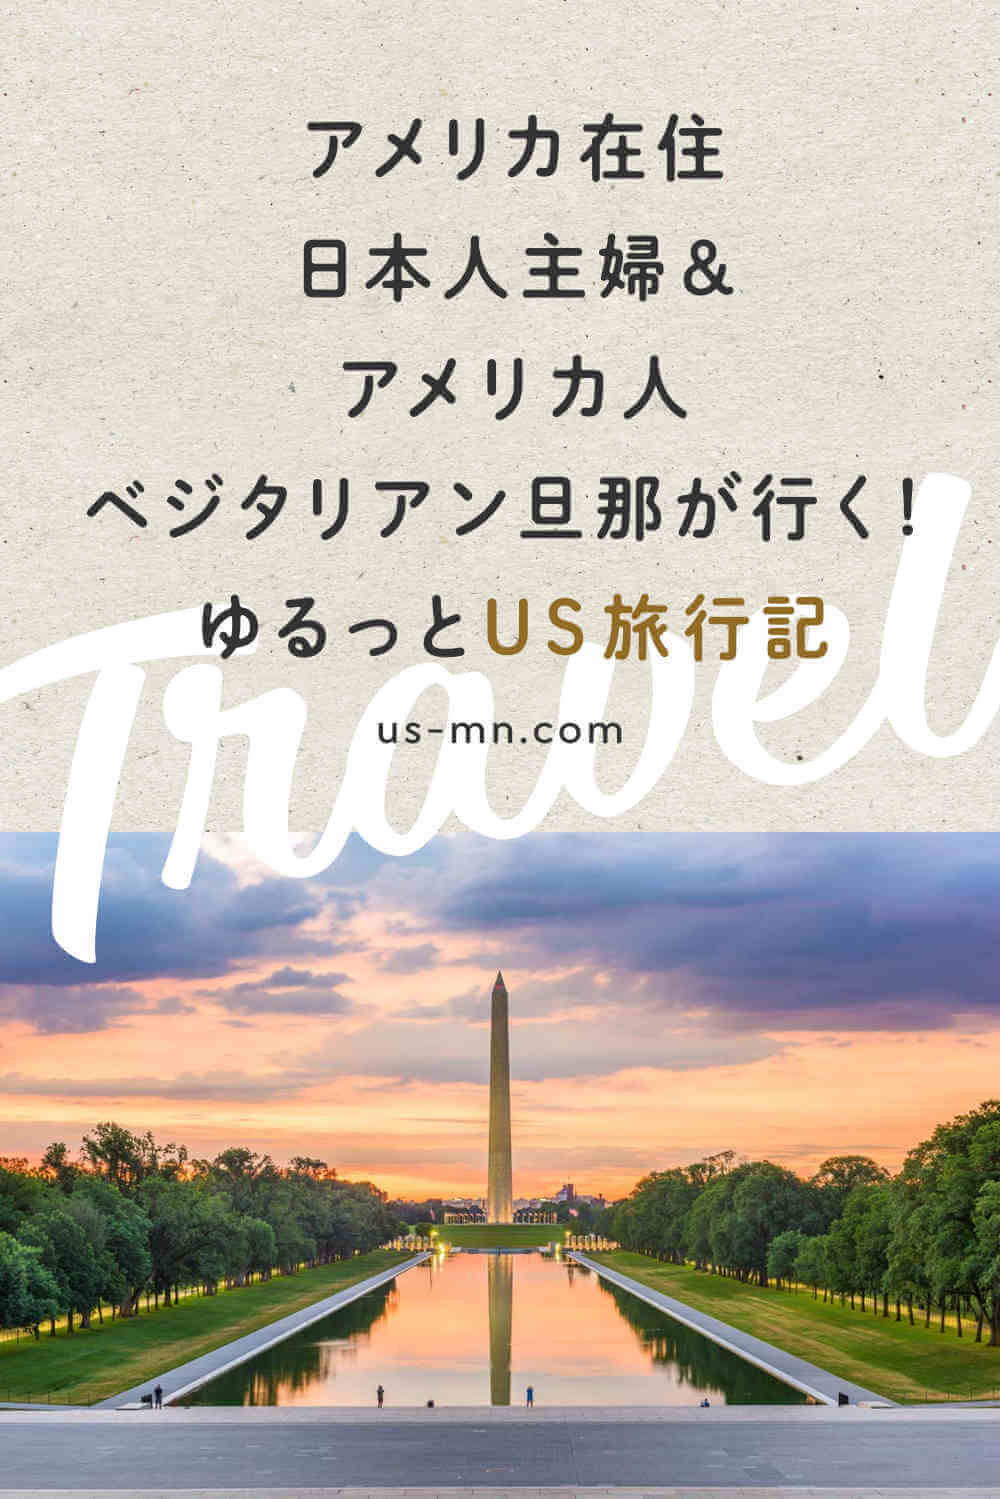 アメリカ在住日本人主婦&アメリカ人ベジタリアン旦那が行く!ゆるっとUS旅行記